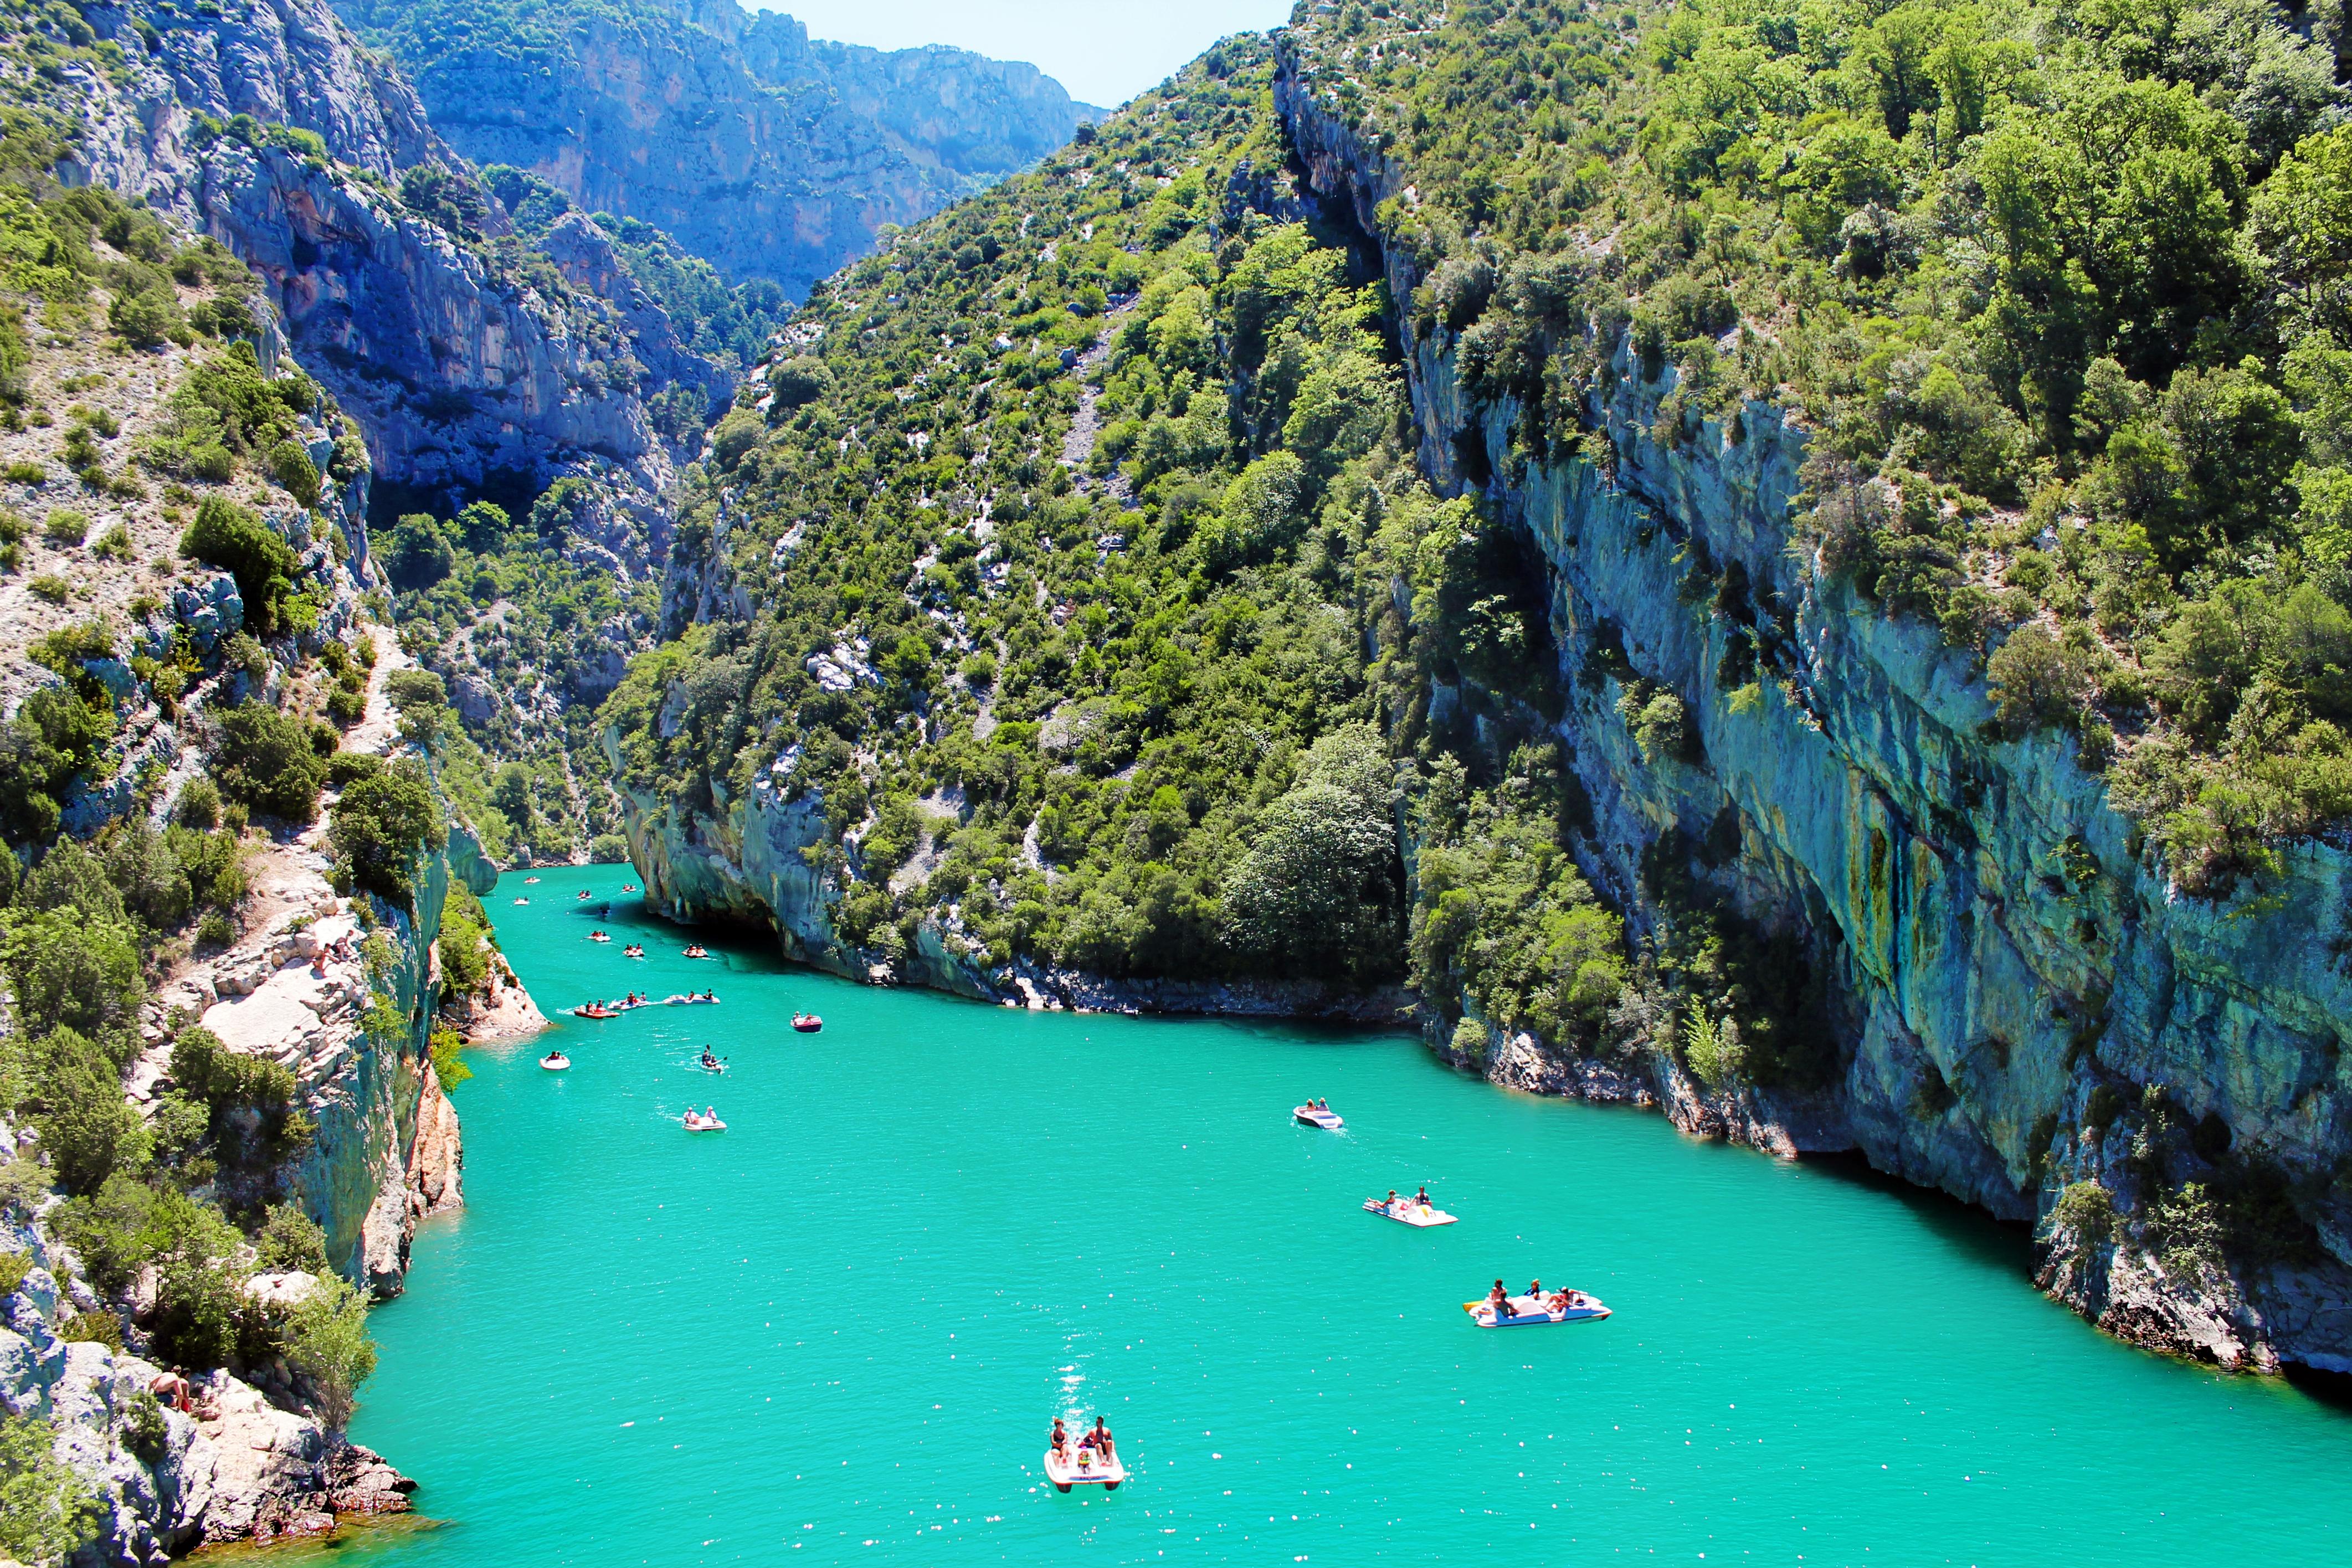 Roteiro de viagem pela Provença - Gorges du Verdon